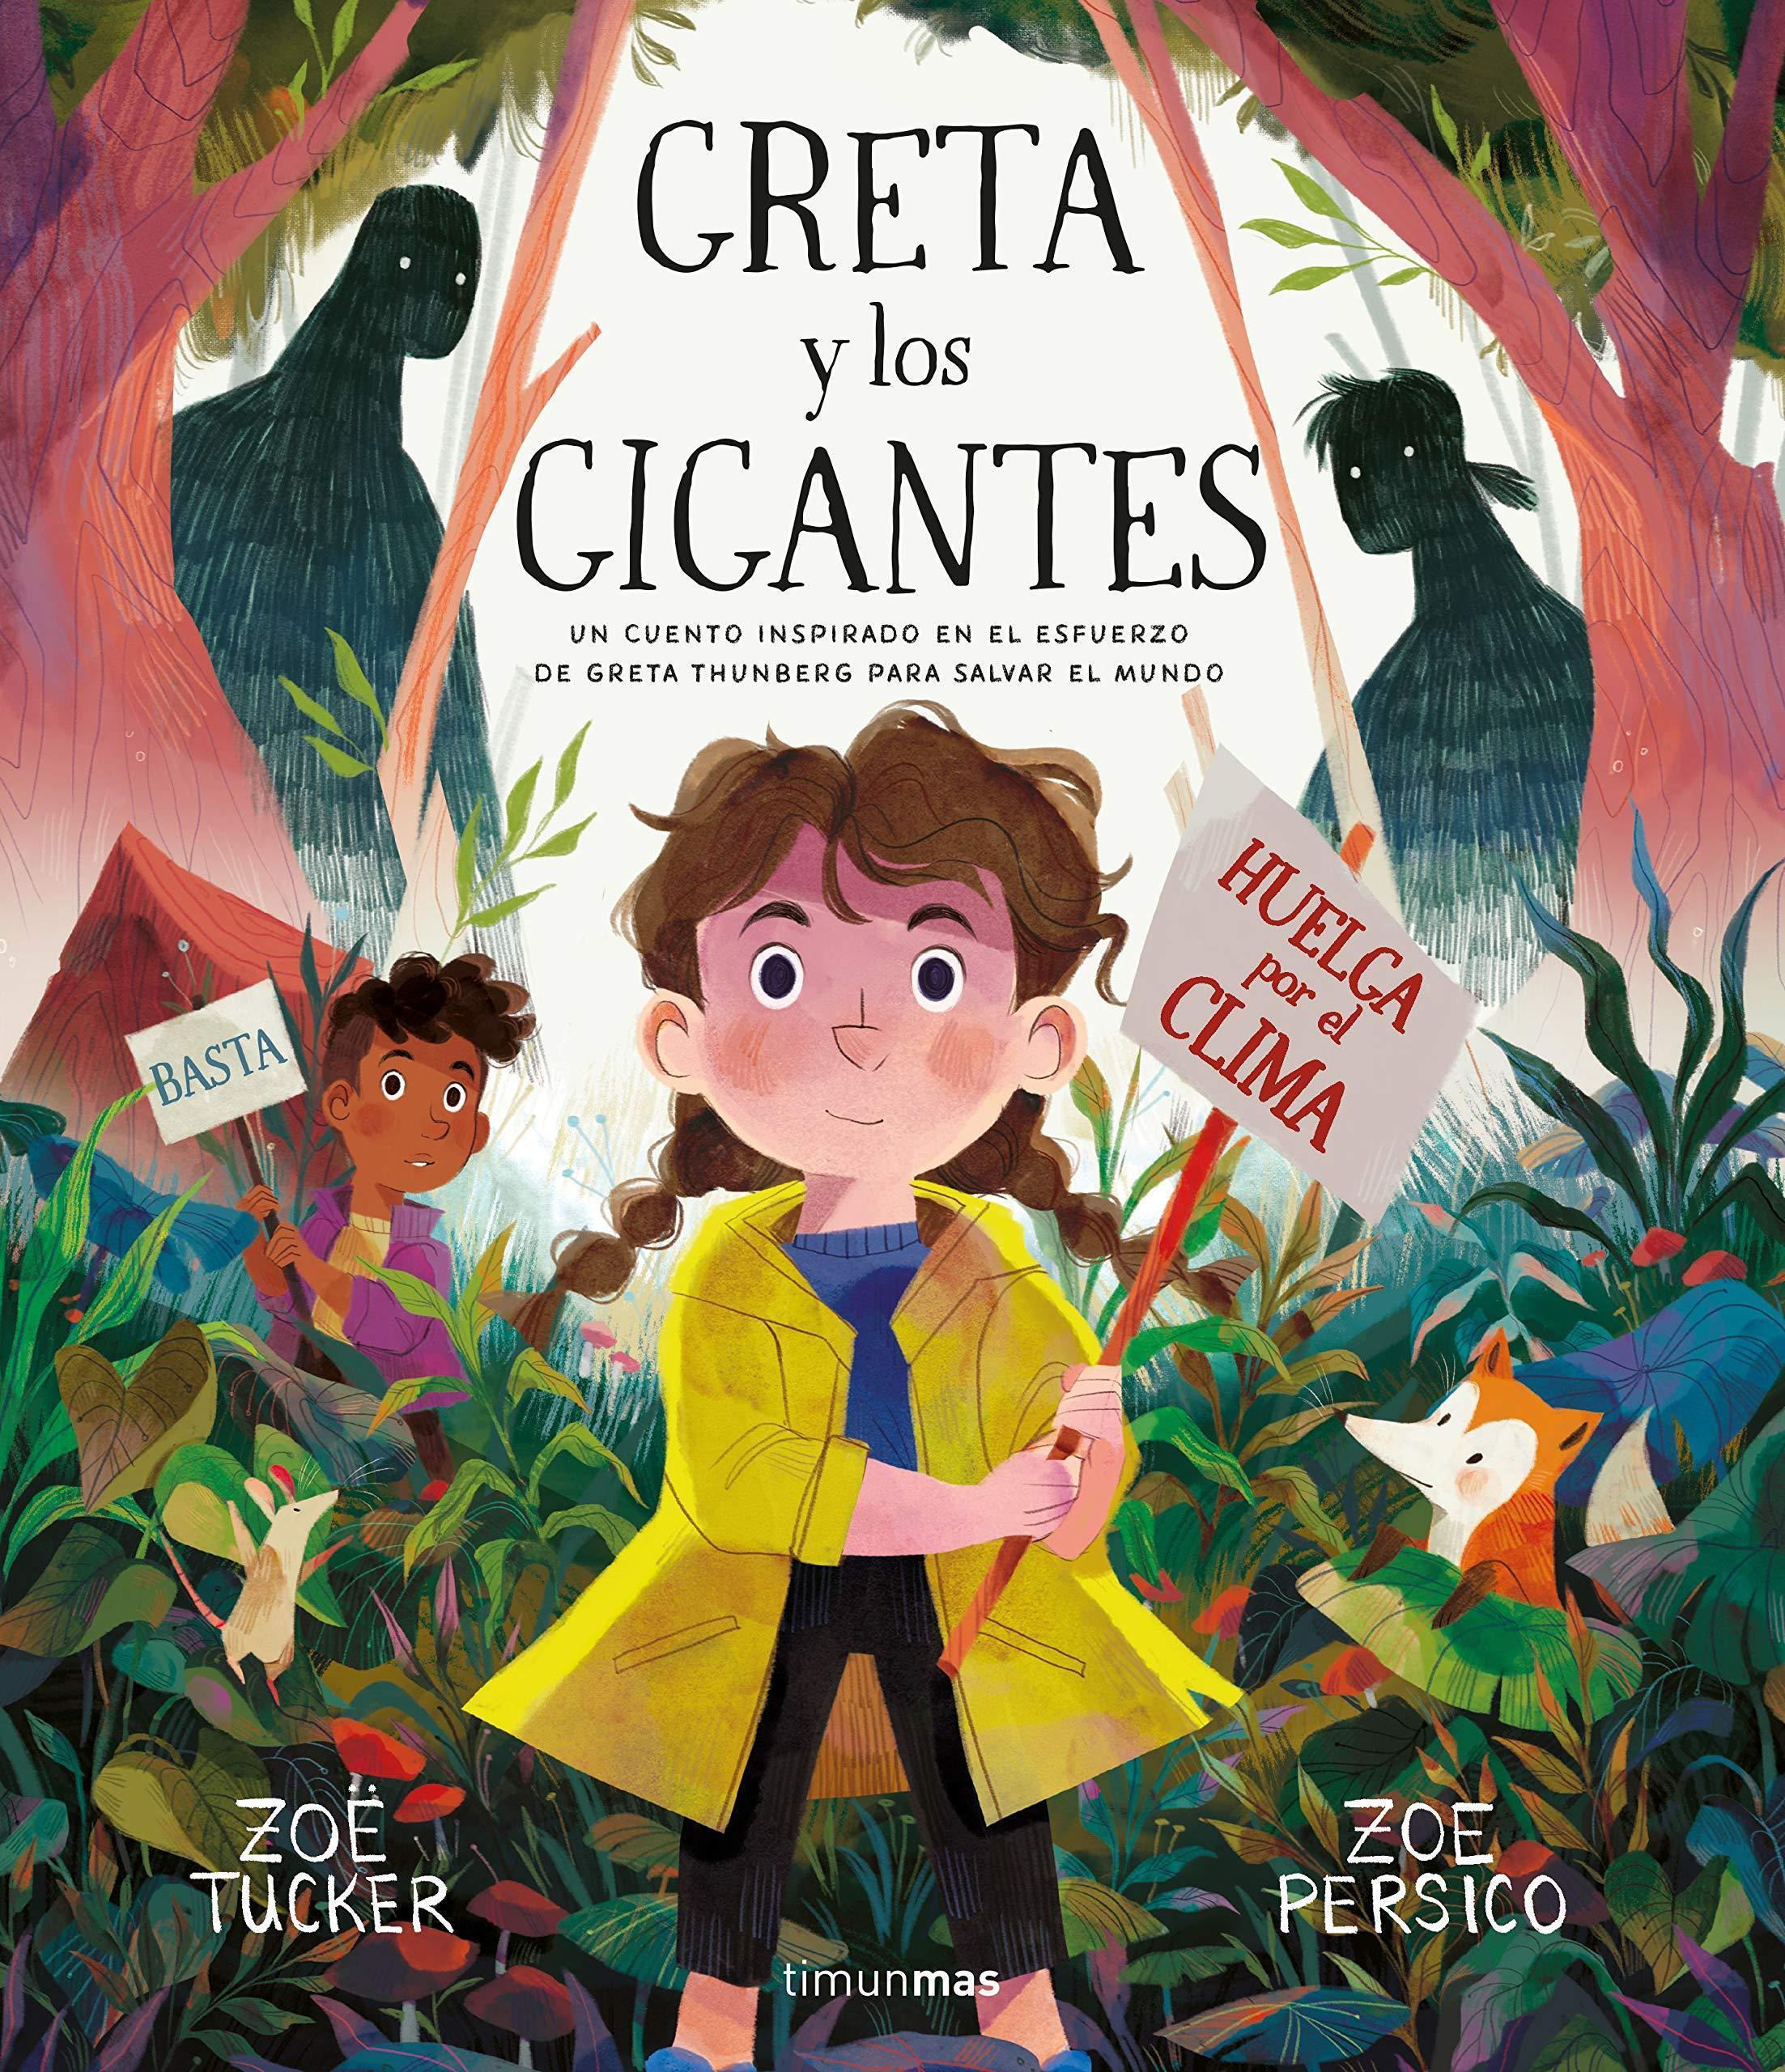 Greta y los gigantes (Cuentos para regalar): Amazon.es: Tucker ...